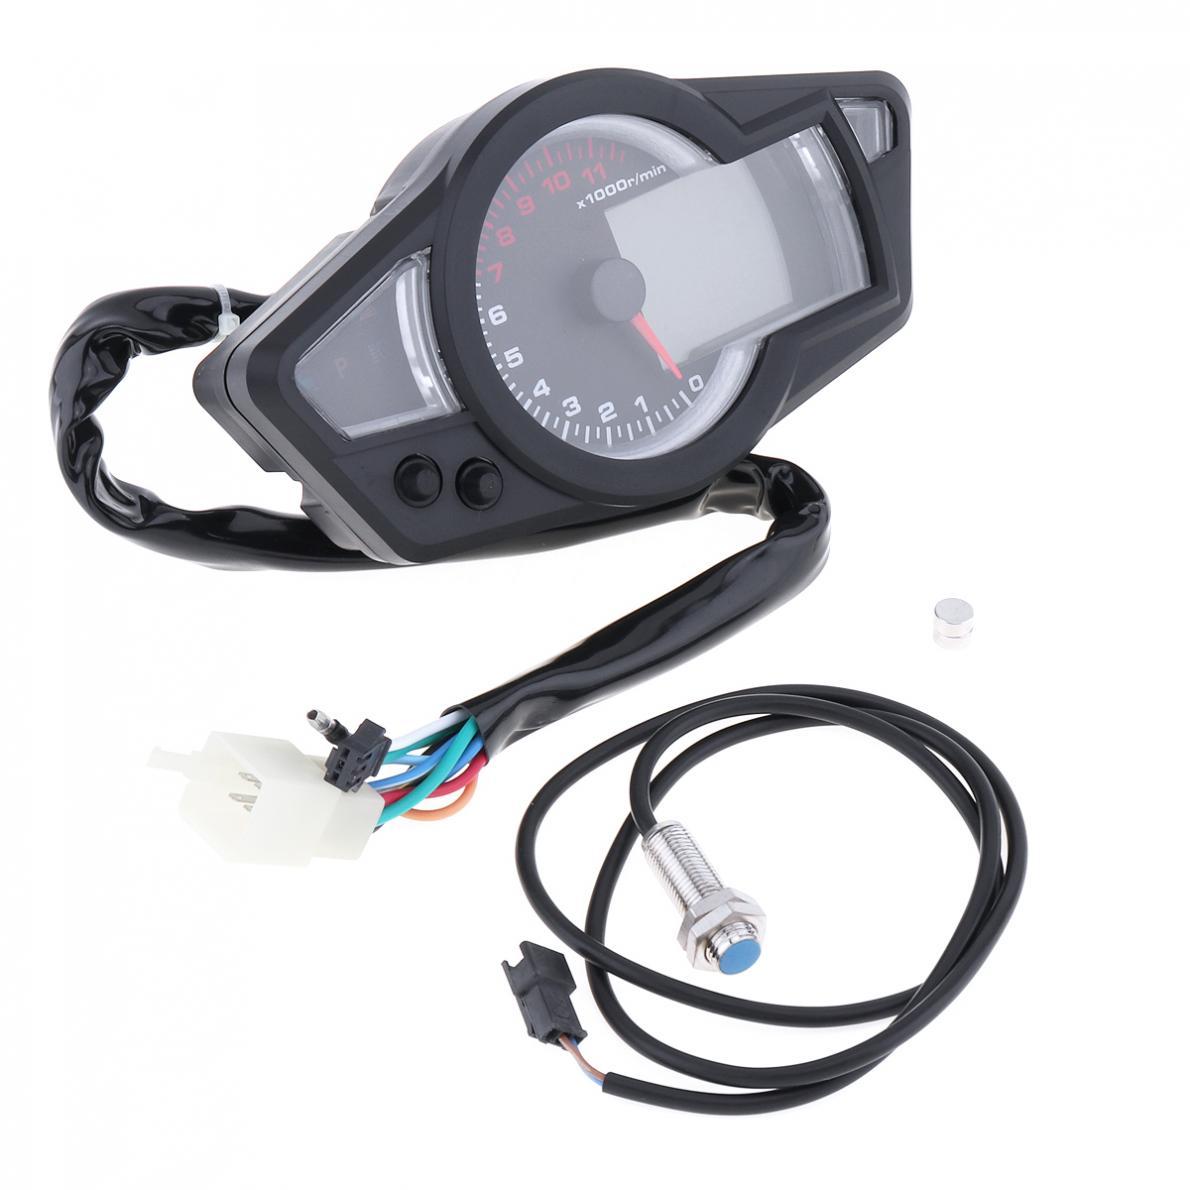 ユニバーサル黒タコメータブルー LCD バックライトスピードメーター走行距離オートバイ計器パネル